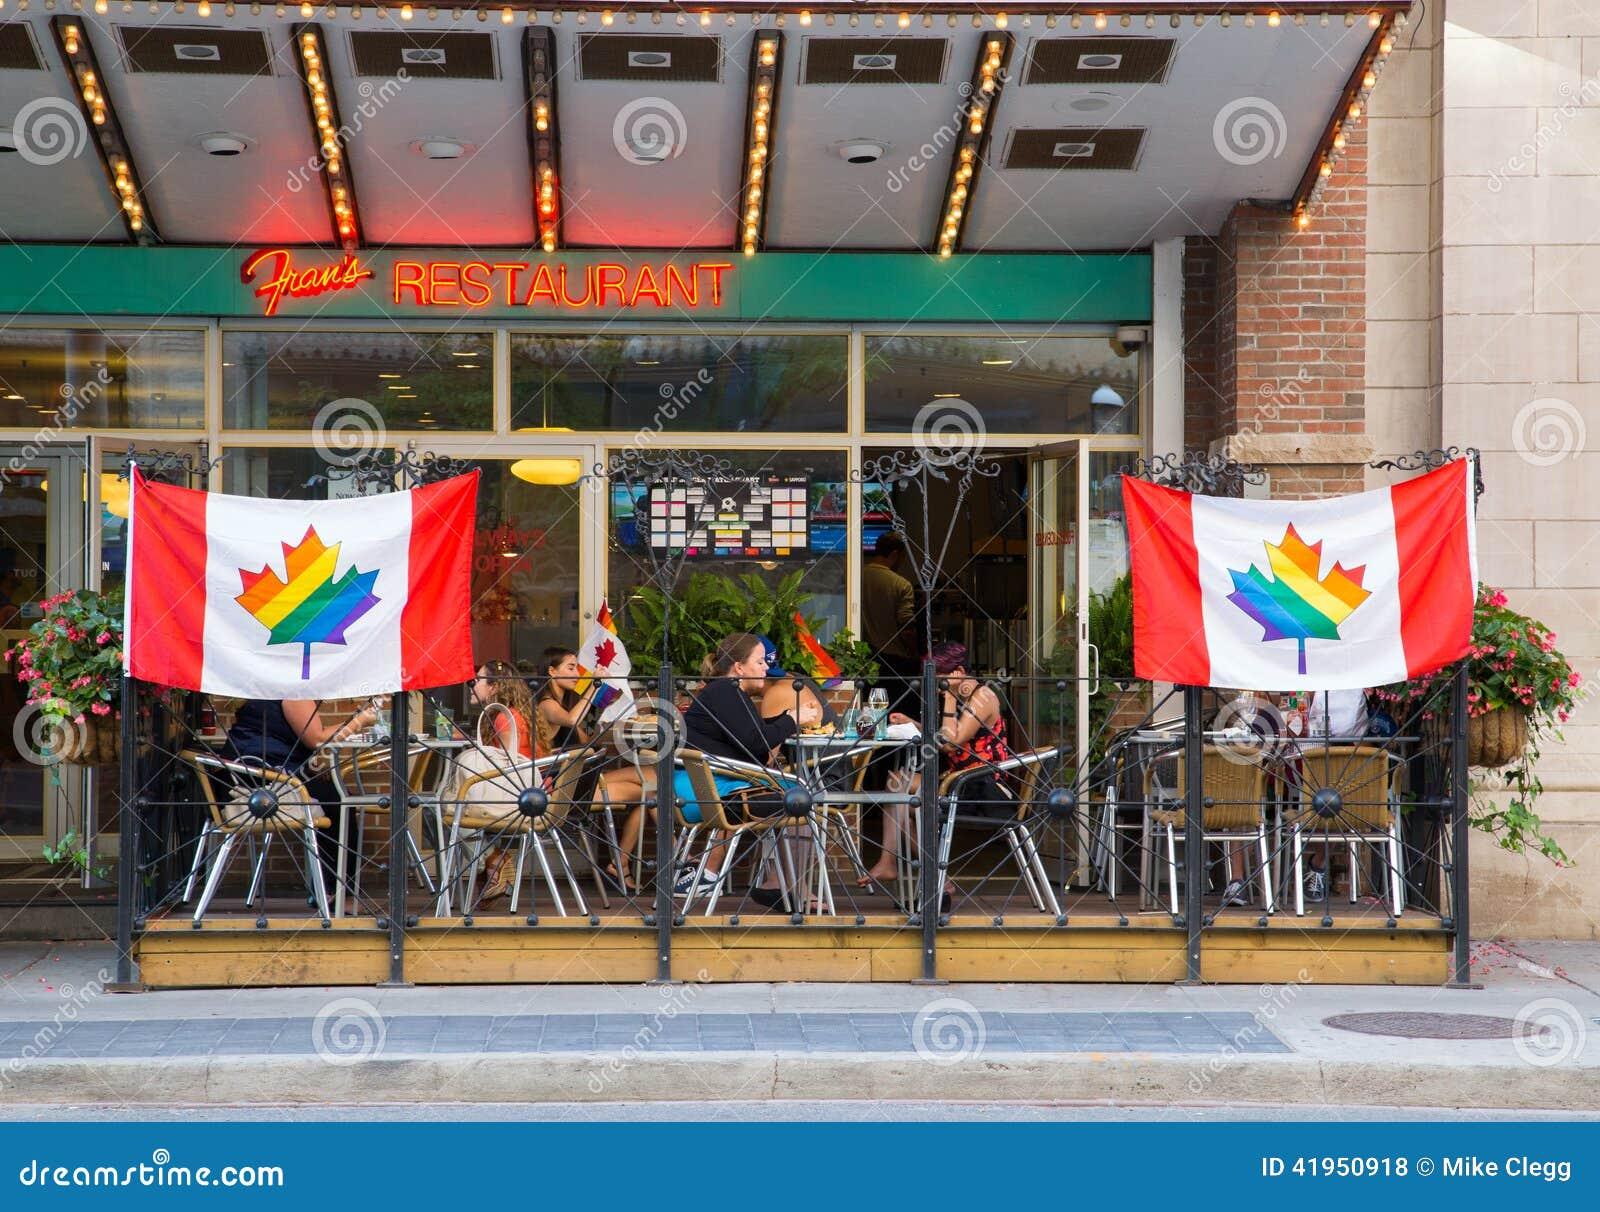 Restauracje Pokazuje poparcie dla Światowej dumy